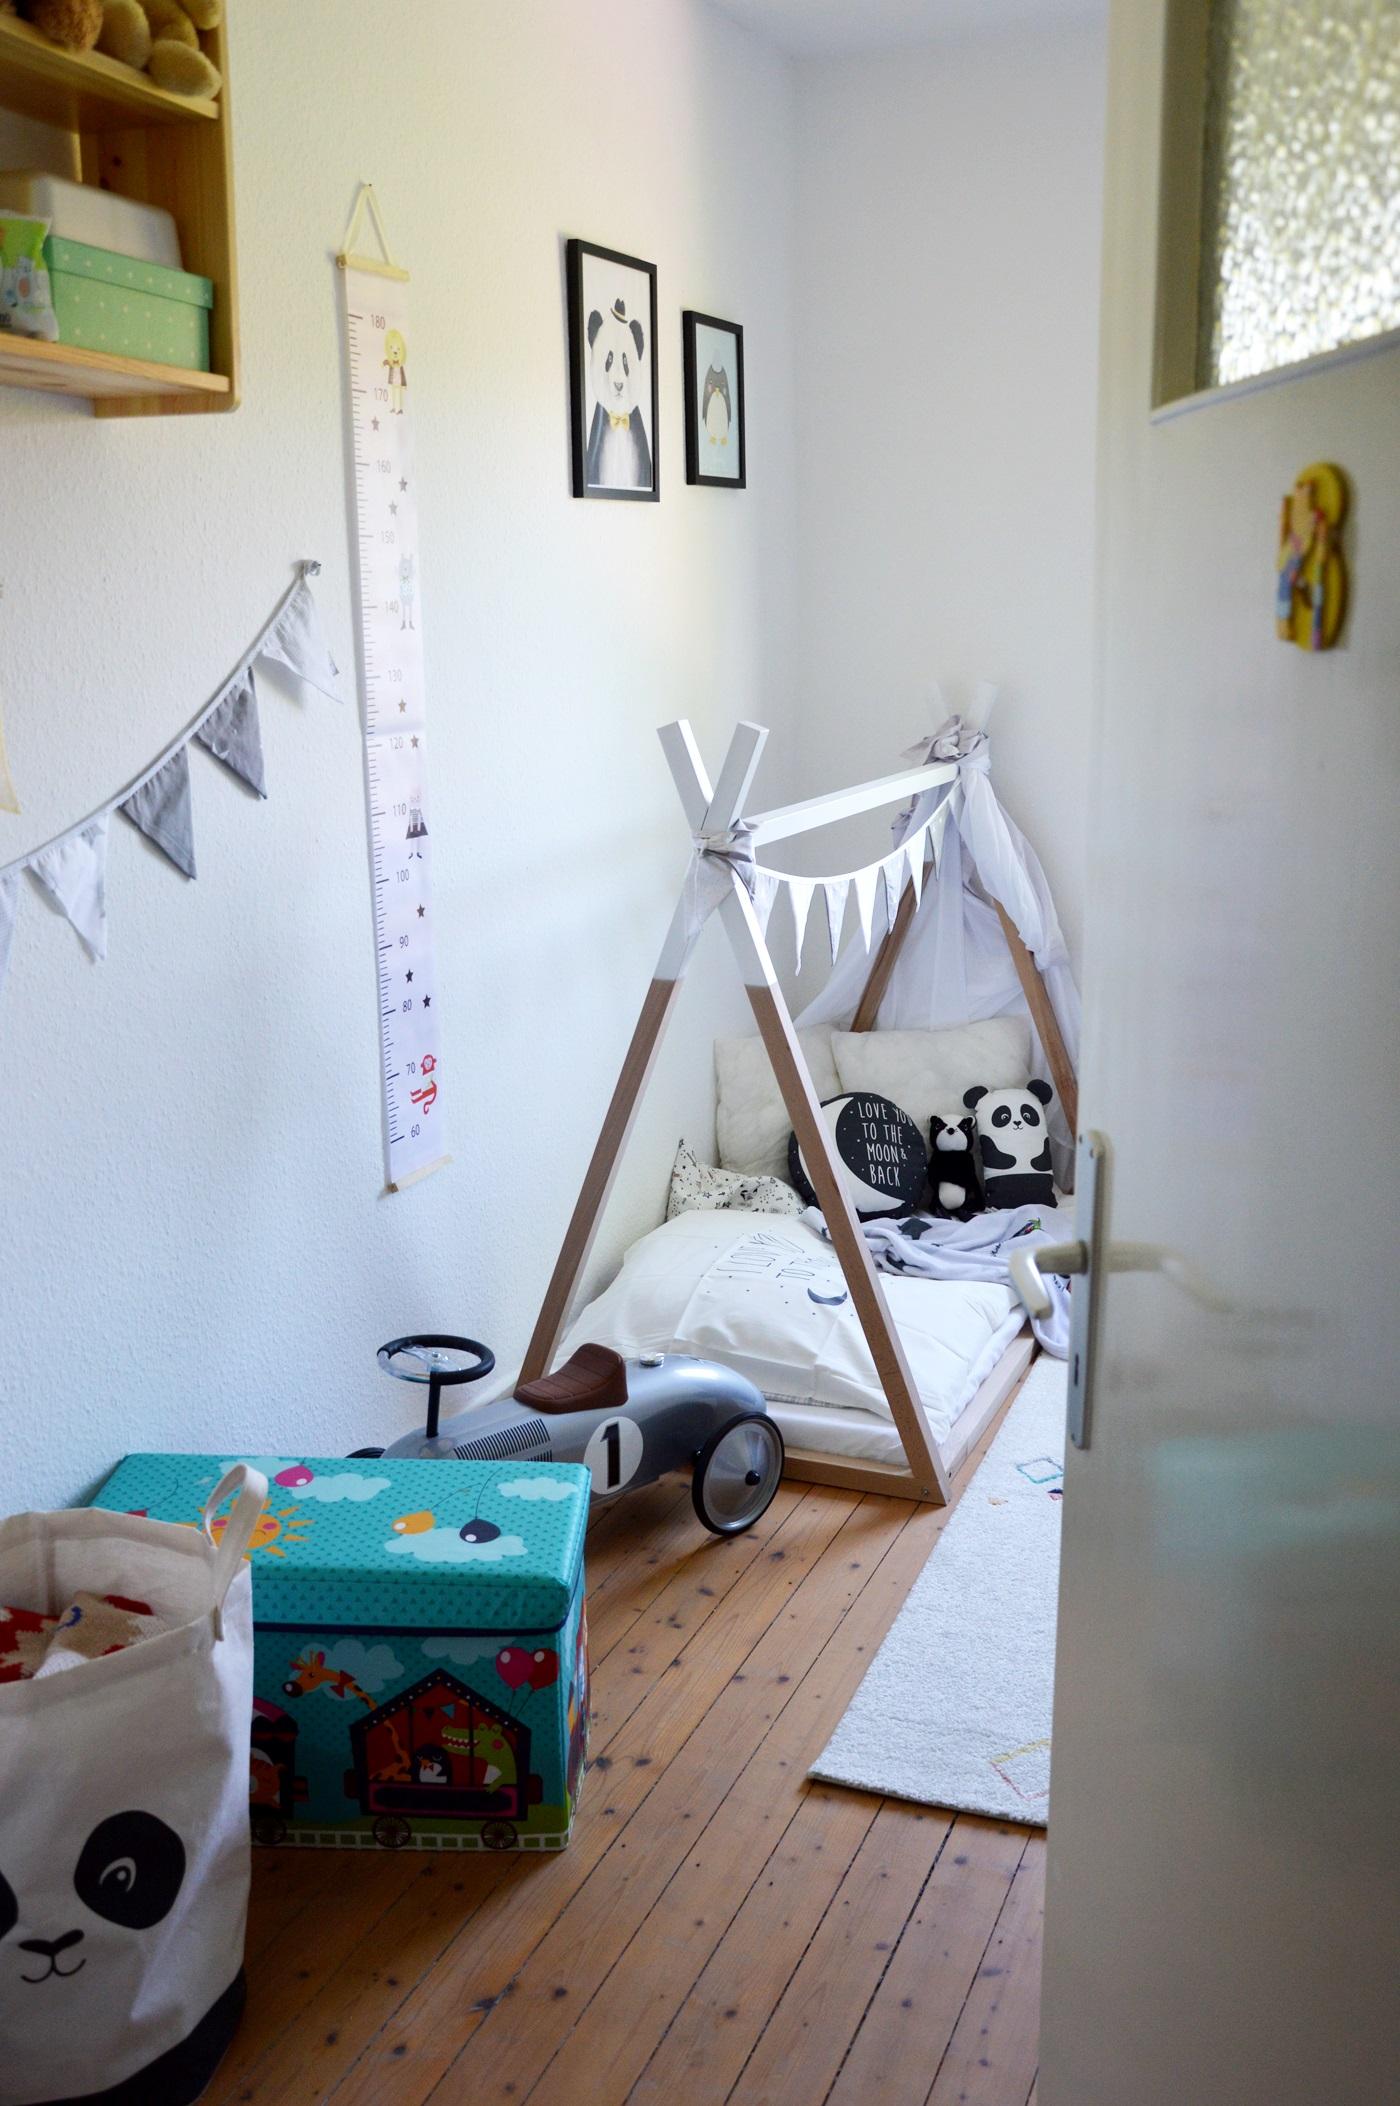 Kinderzimmer einrichten Tipps Tricks Aufbewahrung Kuschelecke Interior Blogger Blog Mama 1